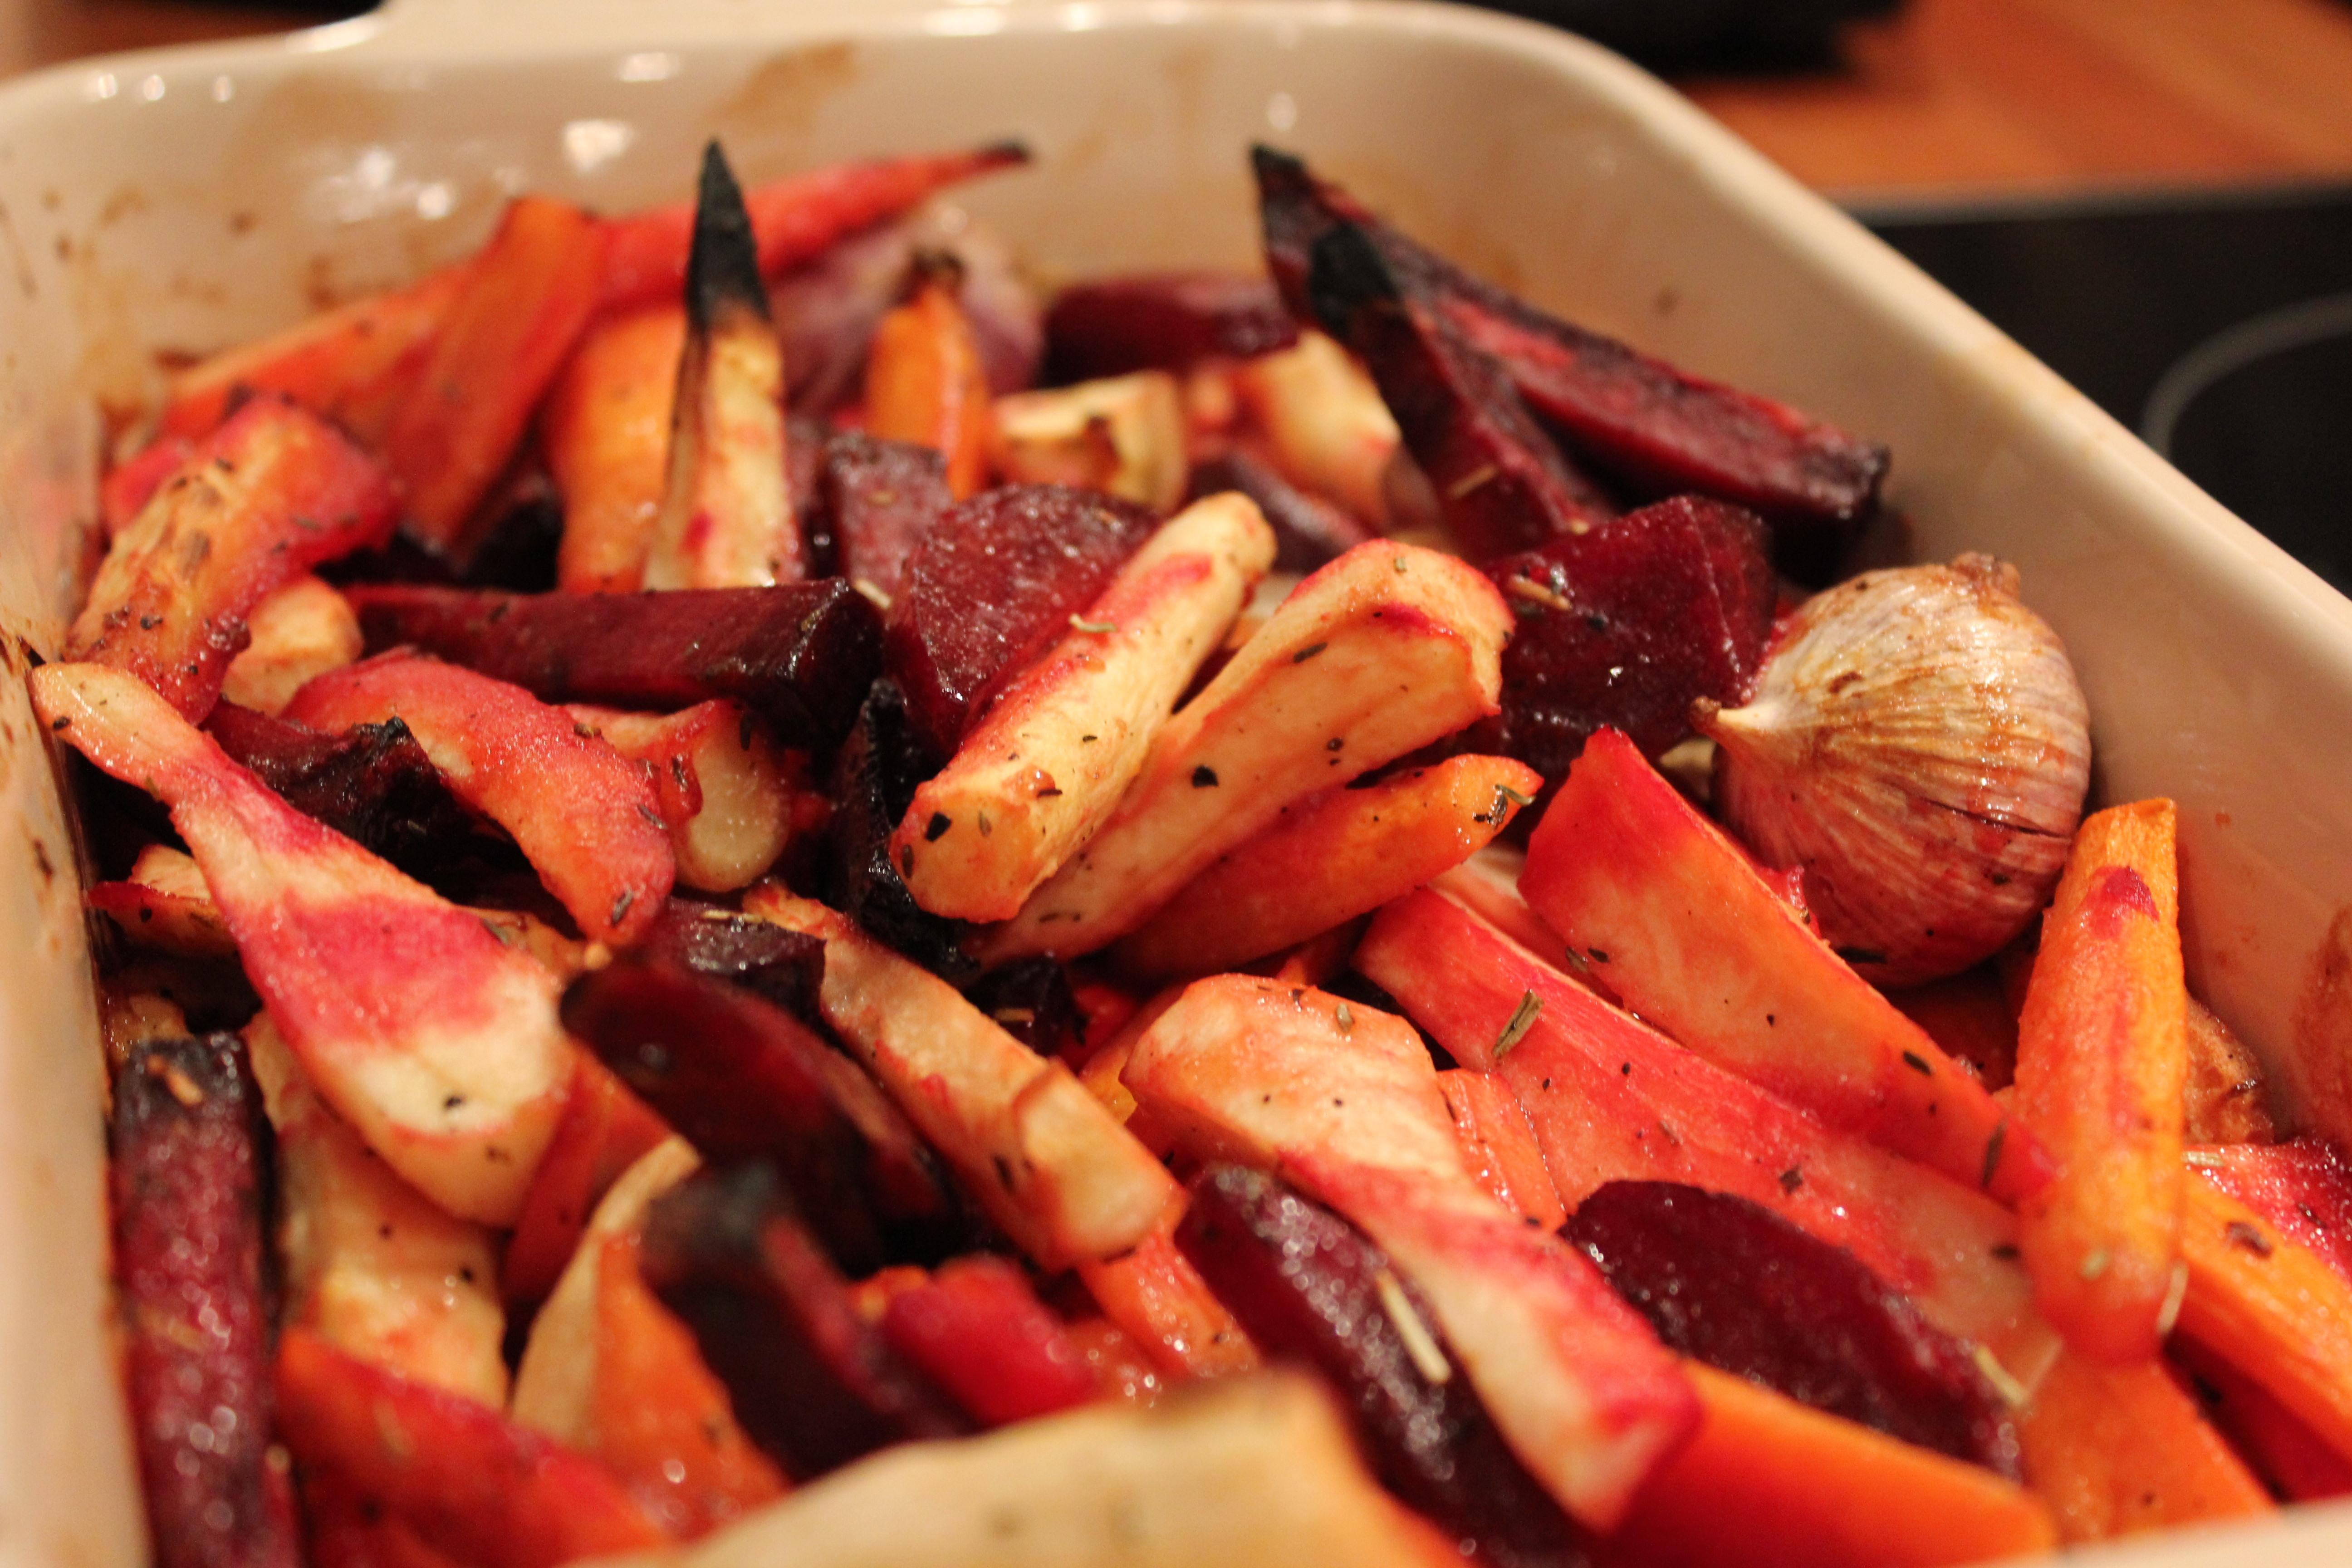 opskrift på rodfrugter i ovn